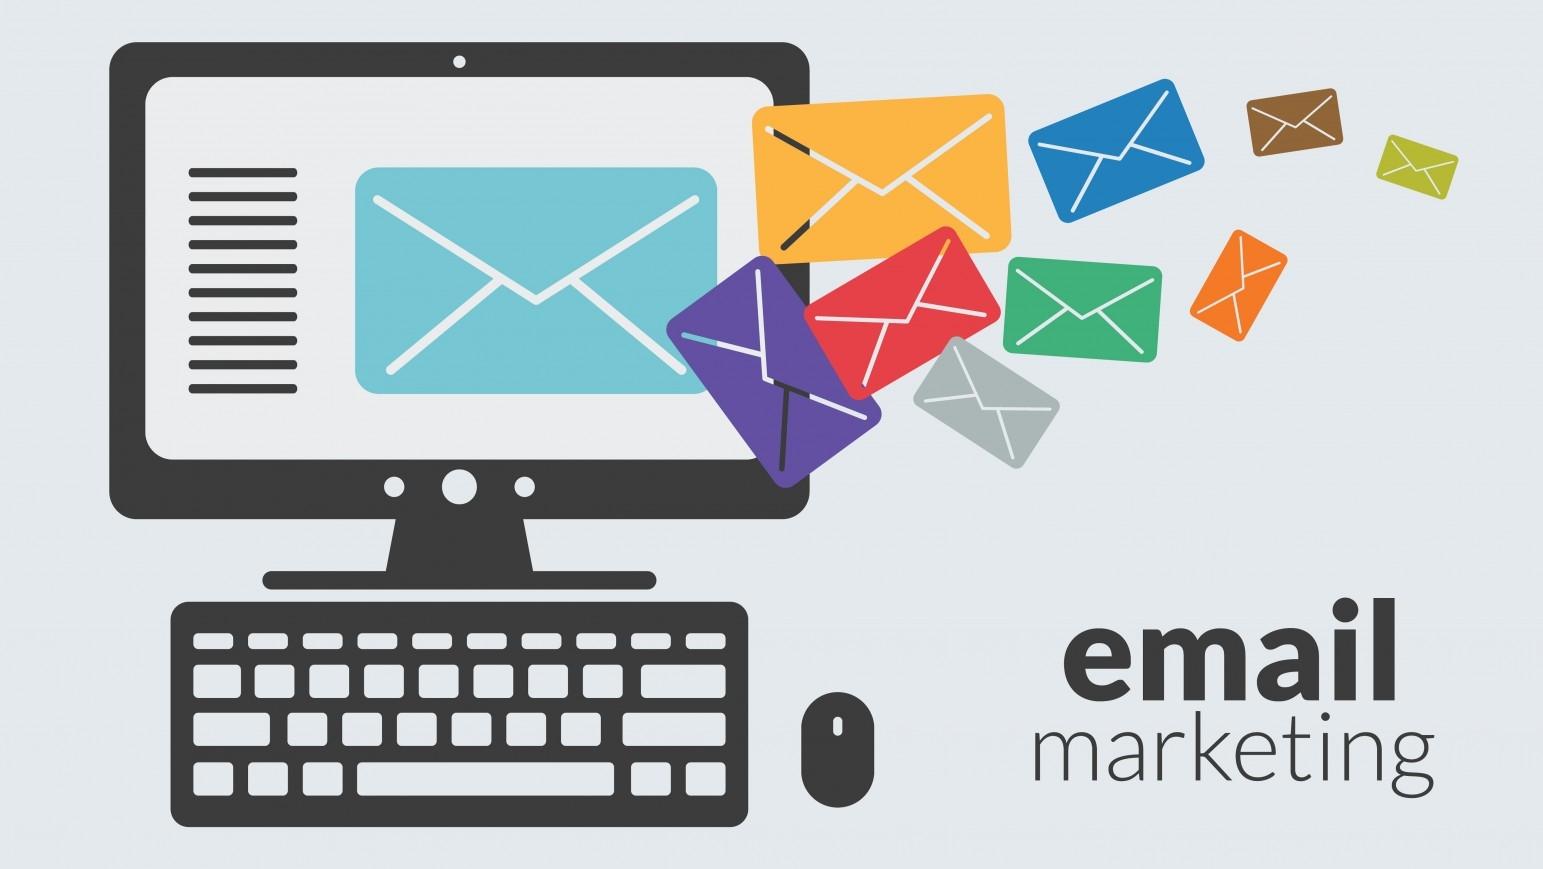 Cách gửi email marketing miễn phí - 12.000 email/tháng